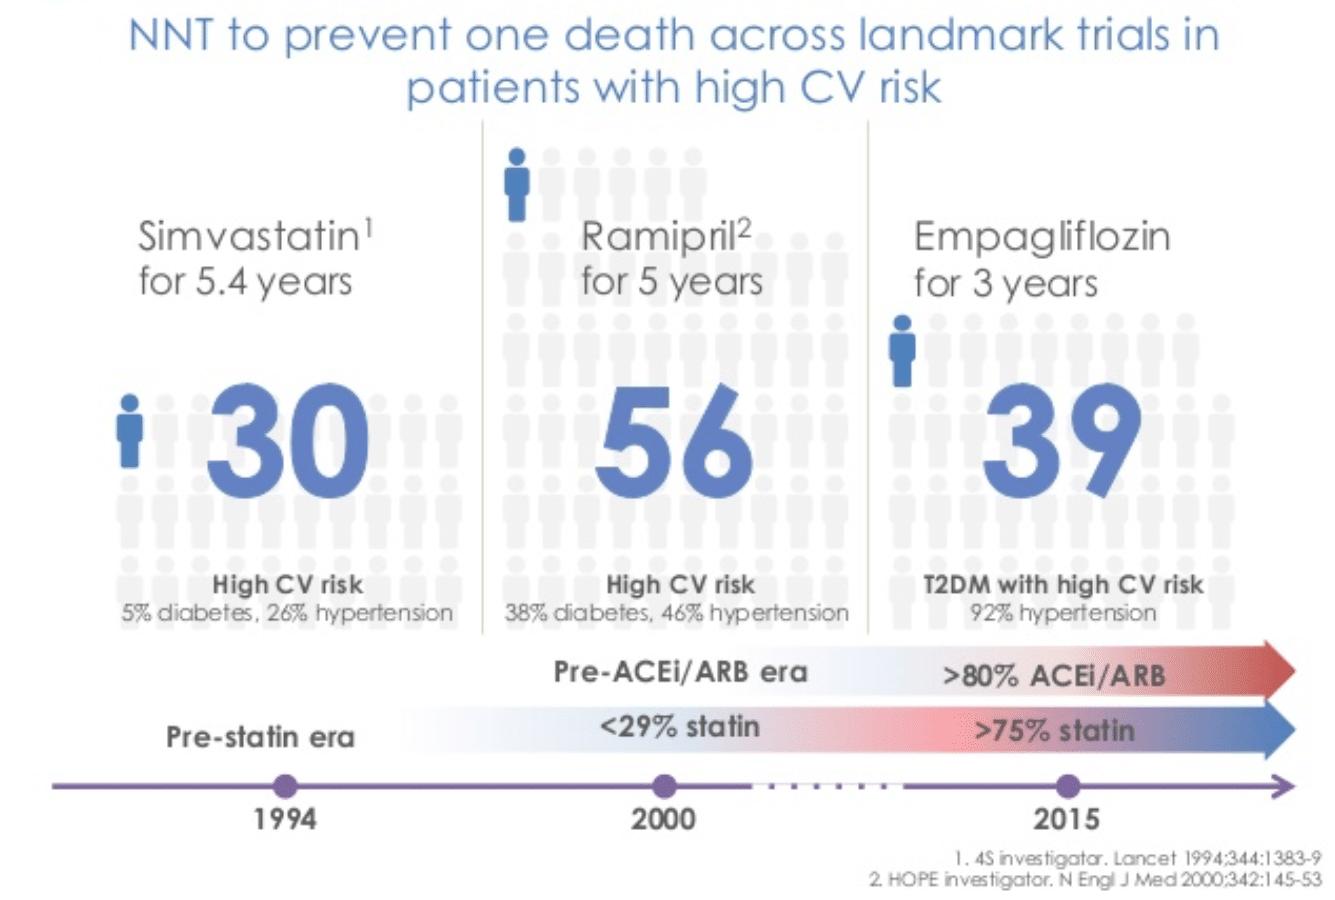 Effekten av SGLT-2-hämmaren empagliflozin, jämfört med statiner och ACE-hämmare. Denna bilden visar hur många människor som måste behandlas för att förhindra ett dödsfall. Som vi ser måste 56 personer behandlas med ramipril (ACE-hämmare som sänker blodtryck har har både njur- och hjärtskyddande effekt) under 5 år för att rädda ett liv. För statiner måste 30 personer behandlas under 5.4 år för att förhindra ett dödsfall. För Empagliflozin är siffran 39 personer under 3 år, vilket är imponerande siffror, särskilt när man beaktar att empagliflozin utforskades under en period då allra flesta patienter fick både ACE-hämmare och statiner.